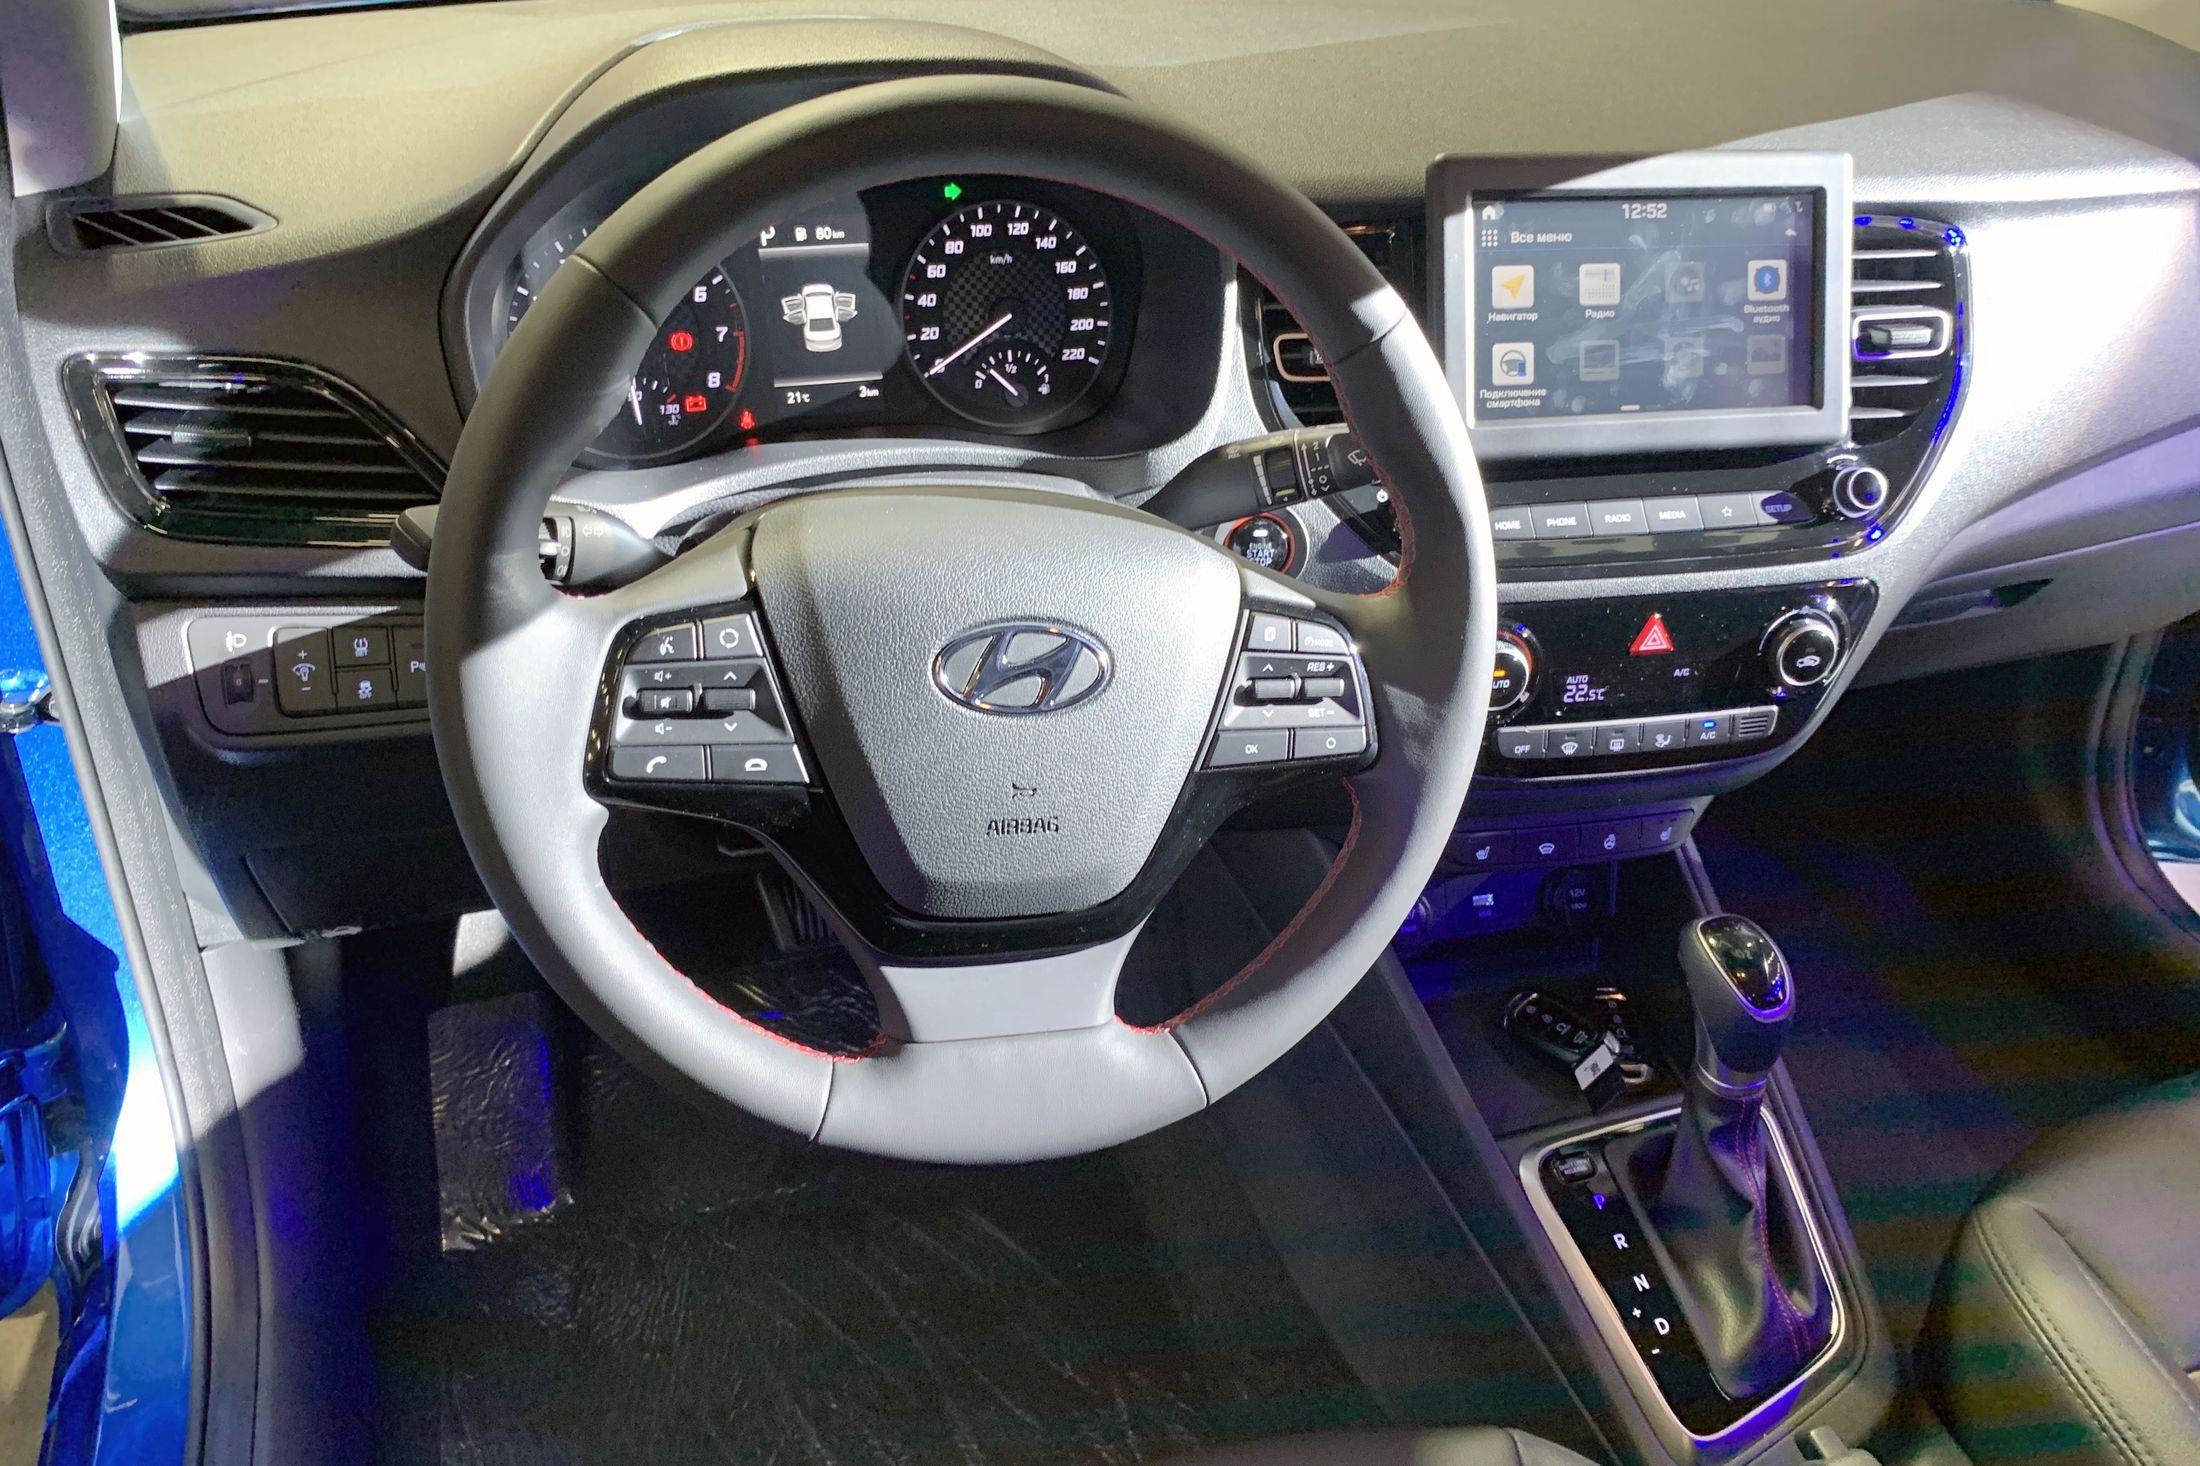 Продажи обновленных Hyundai Solaris и Creta стартовали в Санкт-Петербурге